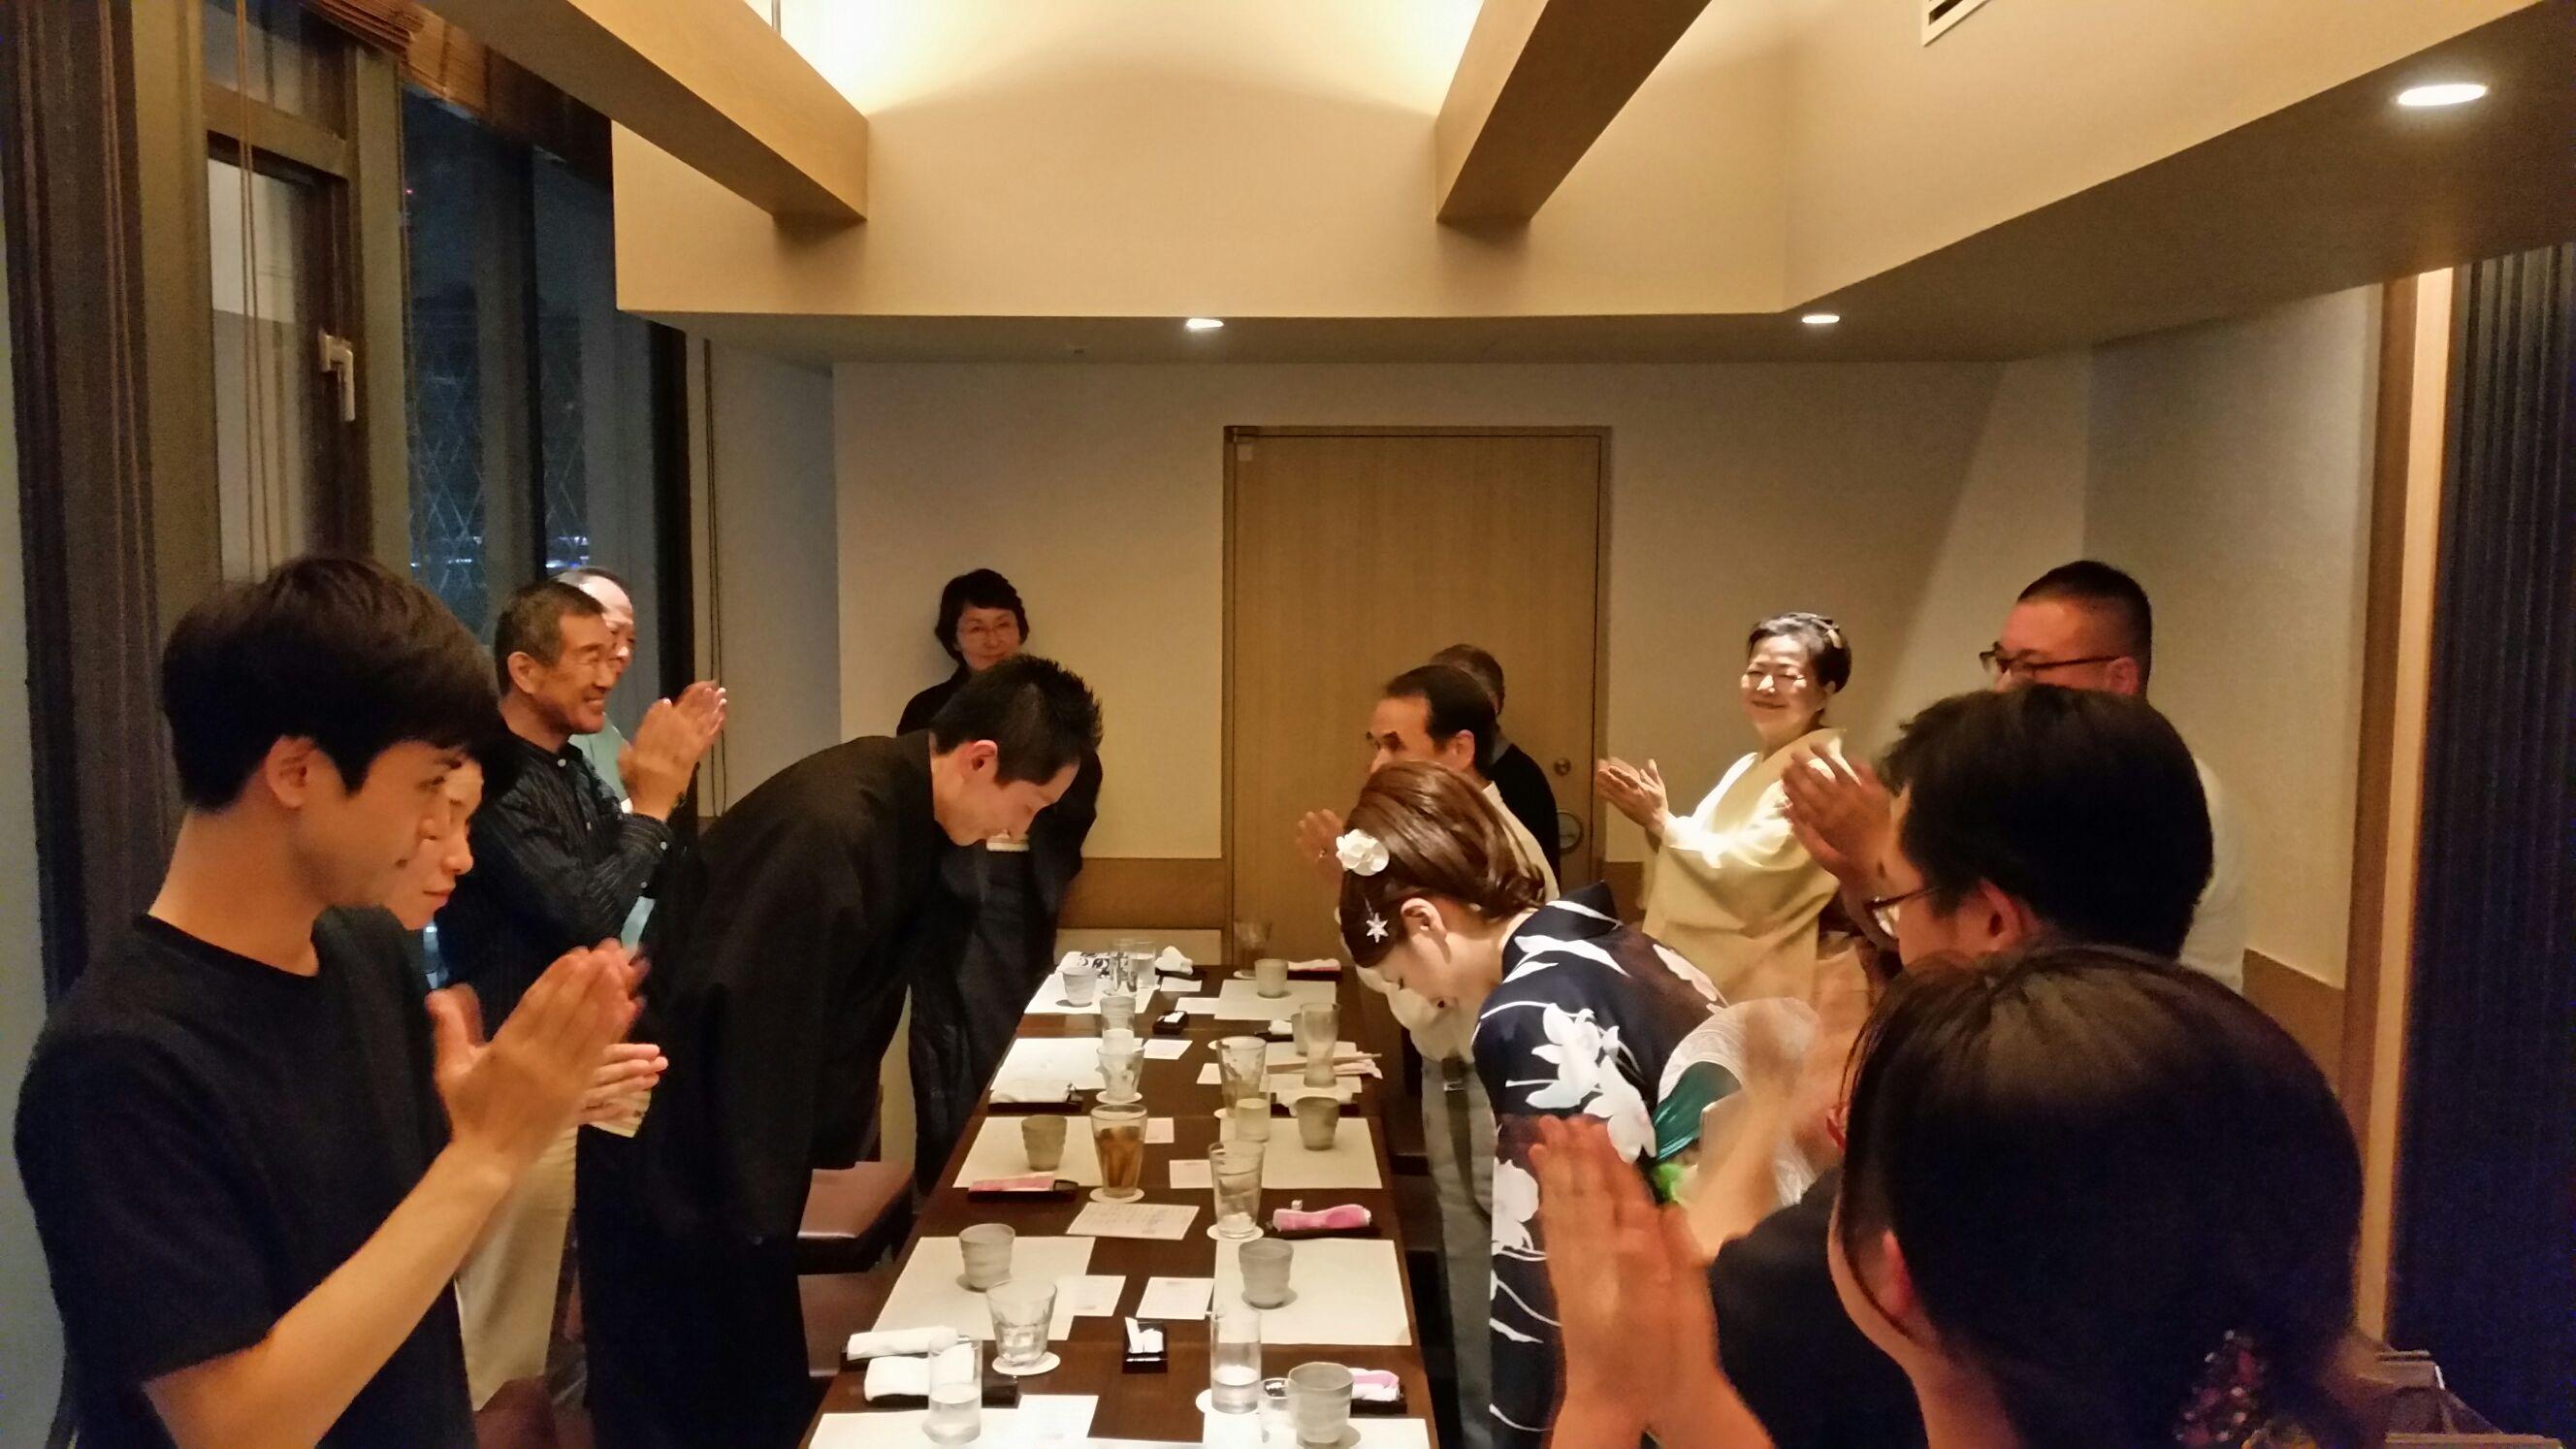 桂夏丸・神田蘭真打昇進披露興行2<br />  9日目(池袋演芸場6<br />  月中席)